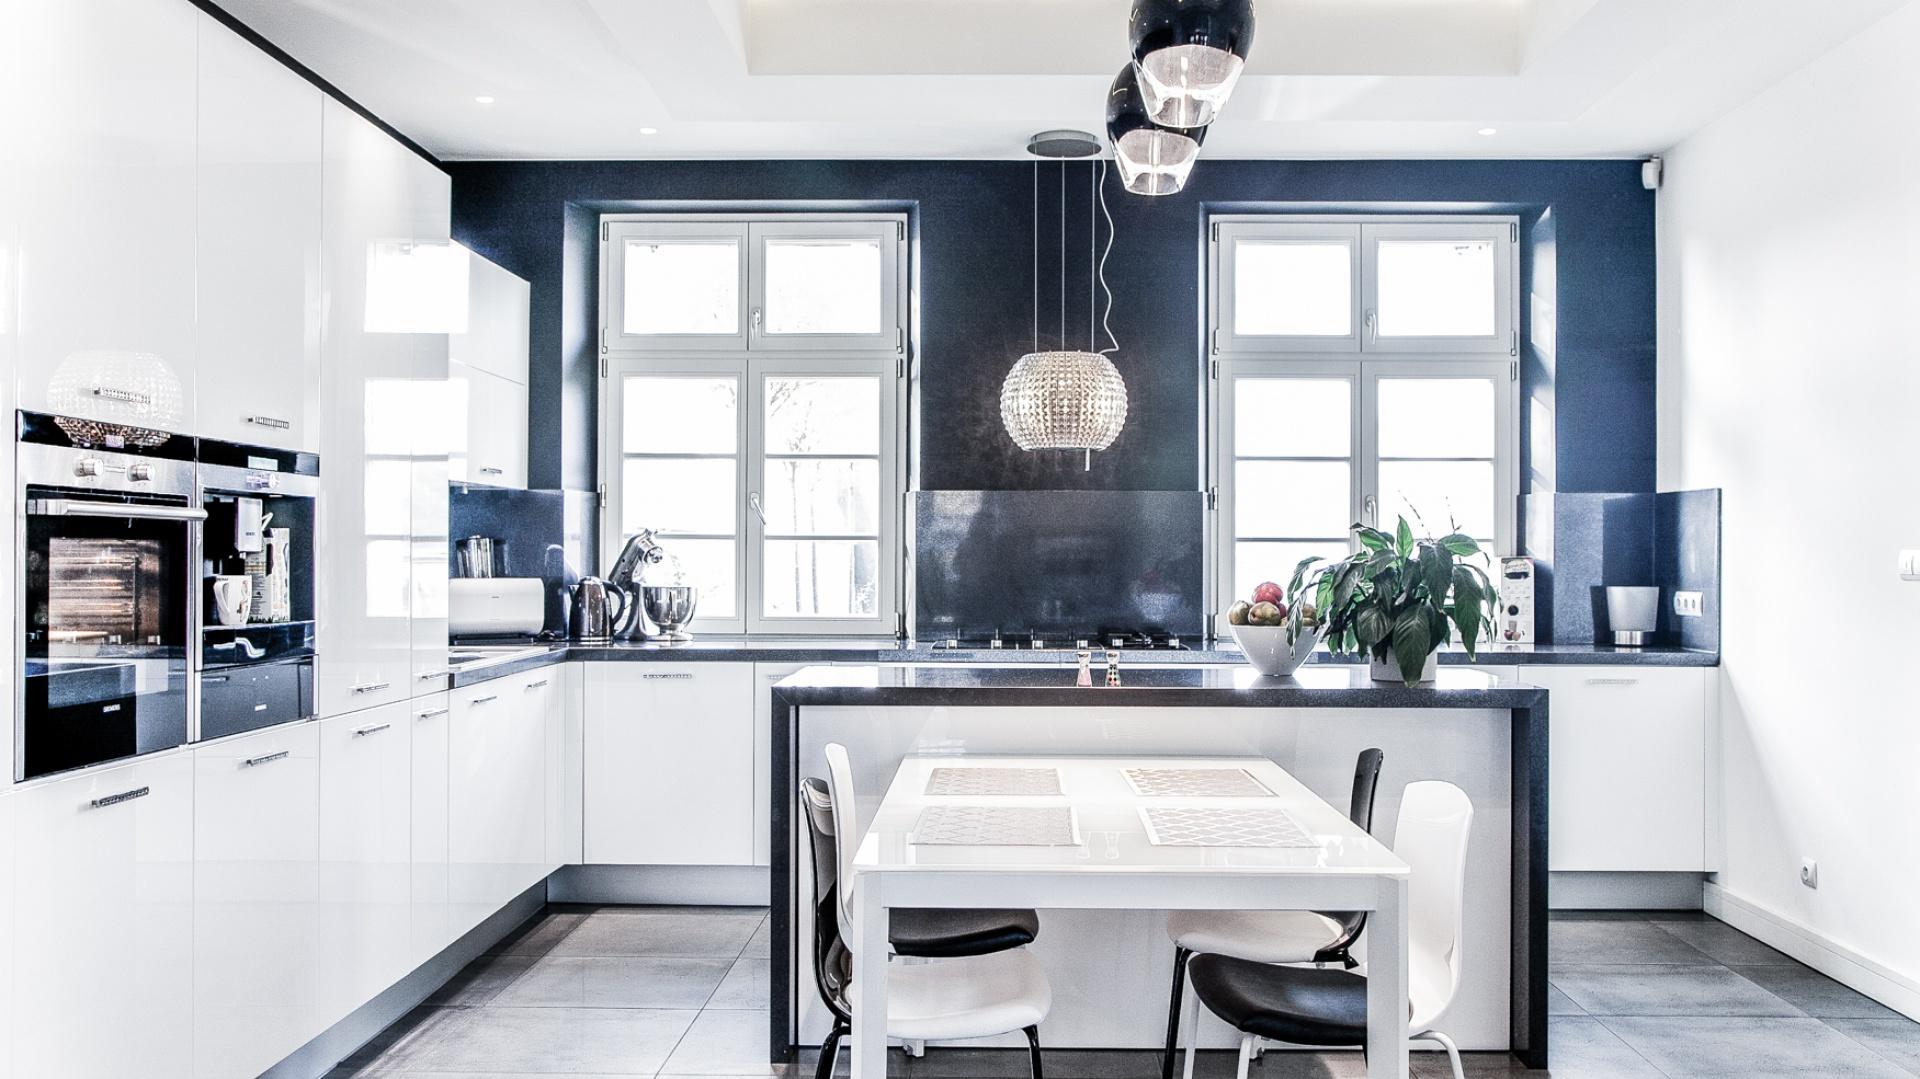 Kuchnia black & white - serce domu. Zaprojektowana z żelazną konsekwencją w dwóch kolorach, jak kostium chanel. Elegancka, ponadczasowa i nowoczesna a zarazem niezwykle wygodna.  Autorem jest Jolanta Hercuń, Inargo. Fot. Archiconnect.pl